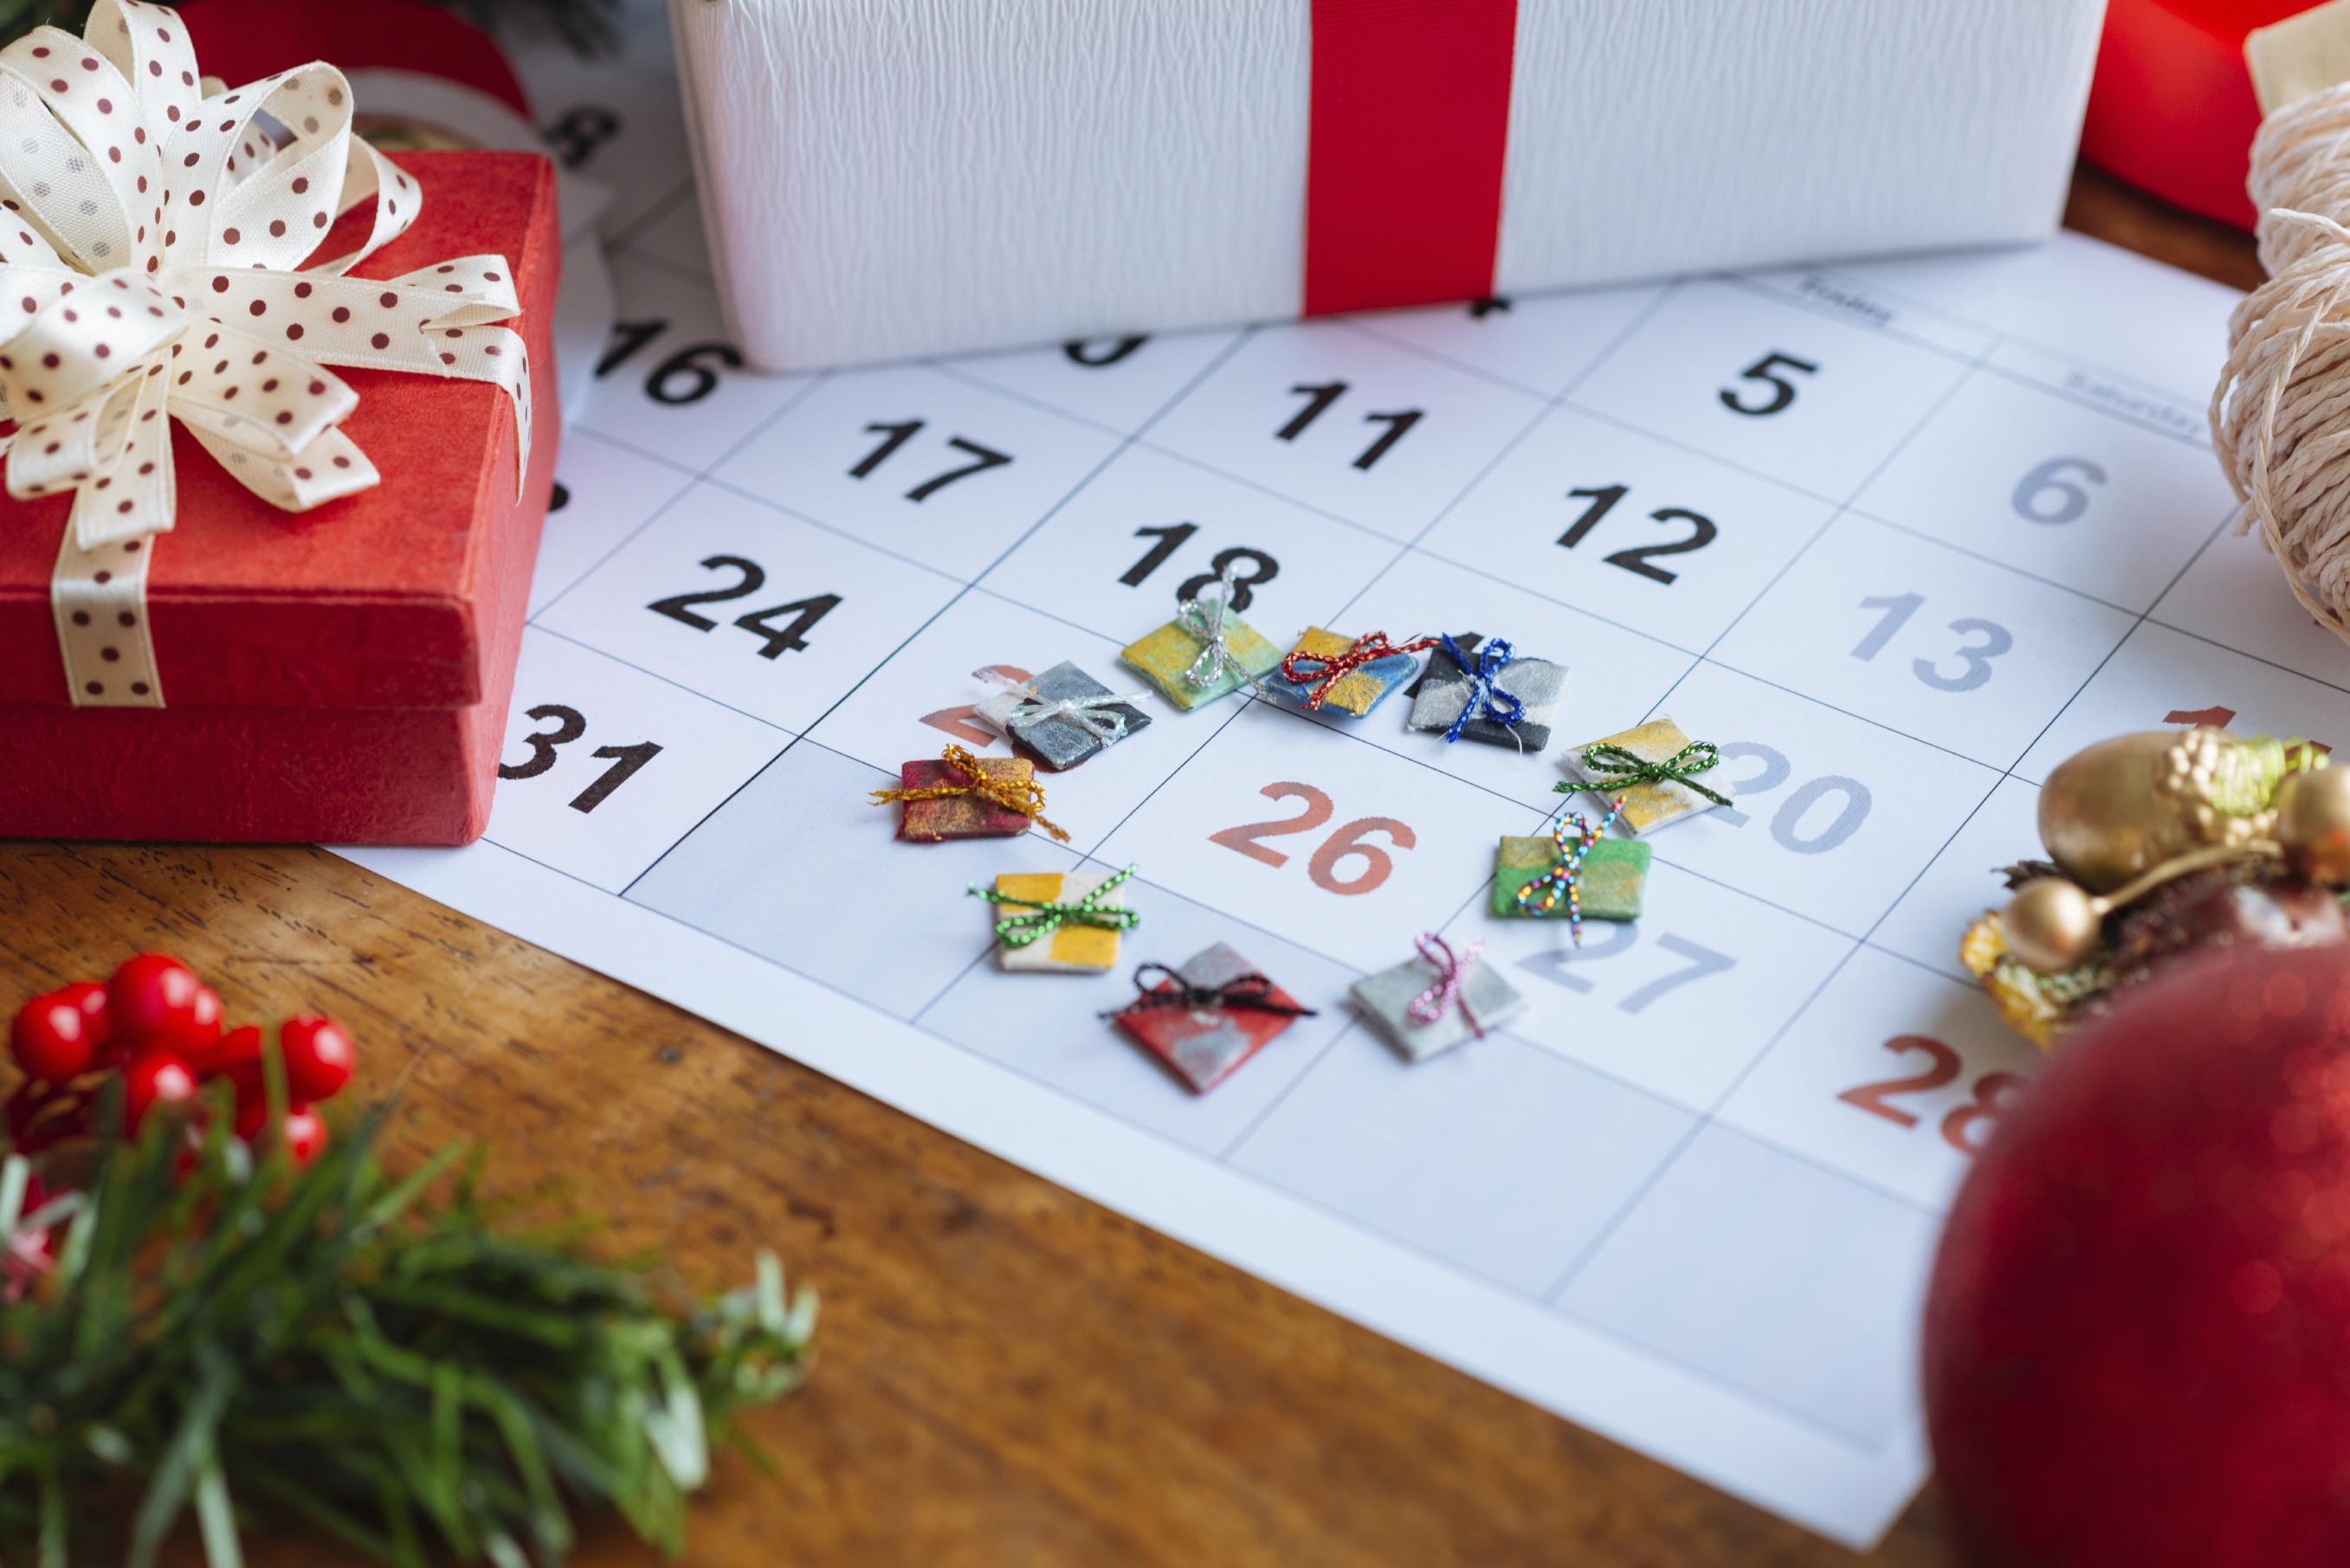 December Holidays around the World - WorldStrides